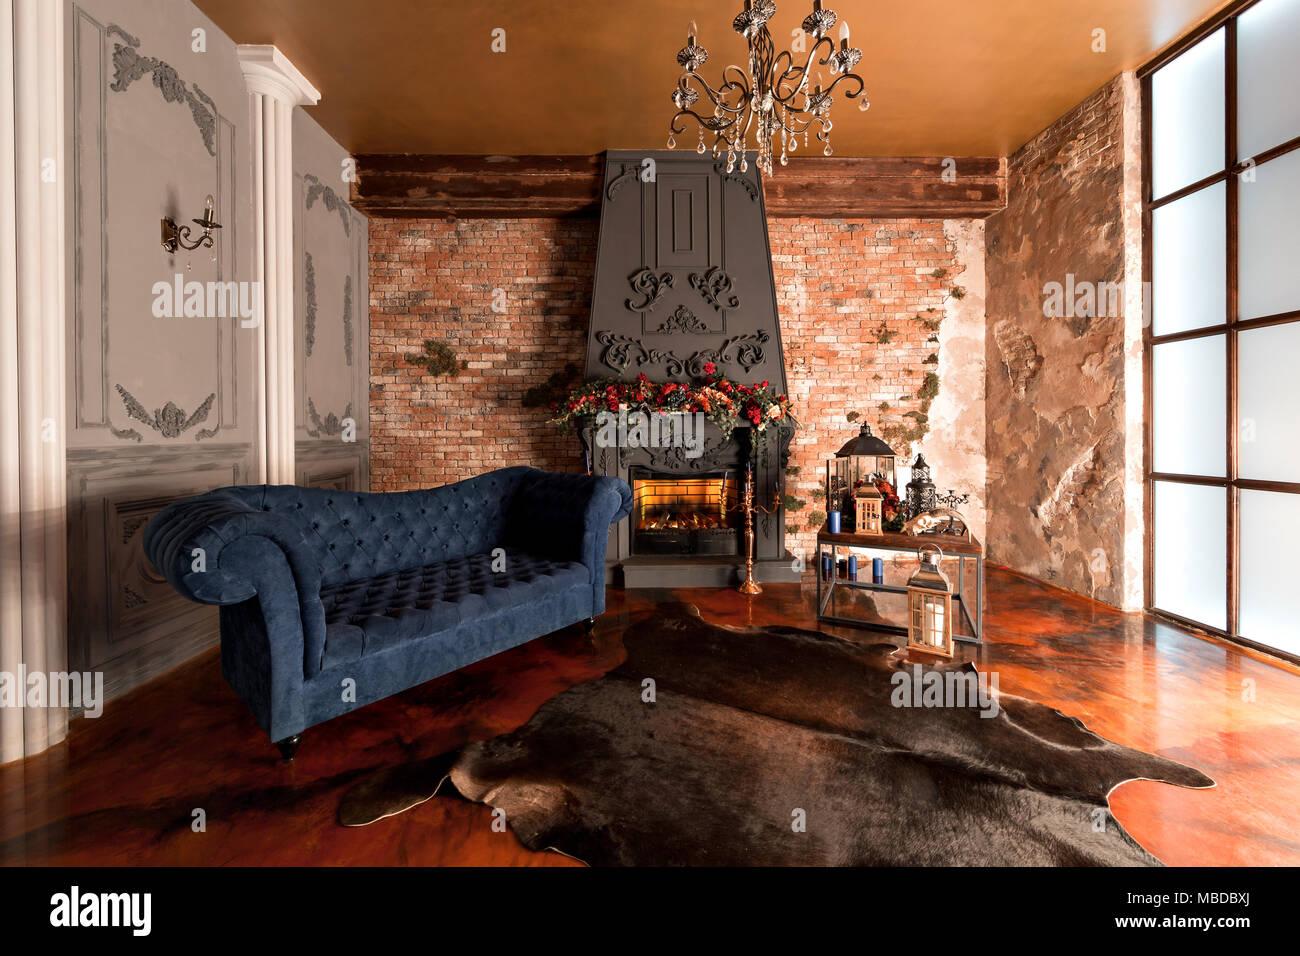 Loft-stil. Interieur mit einem Kamin, Kerzen, Haut der Kühe, Mauer ...